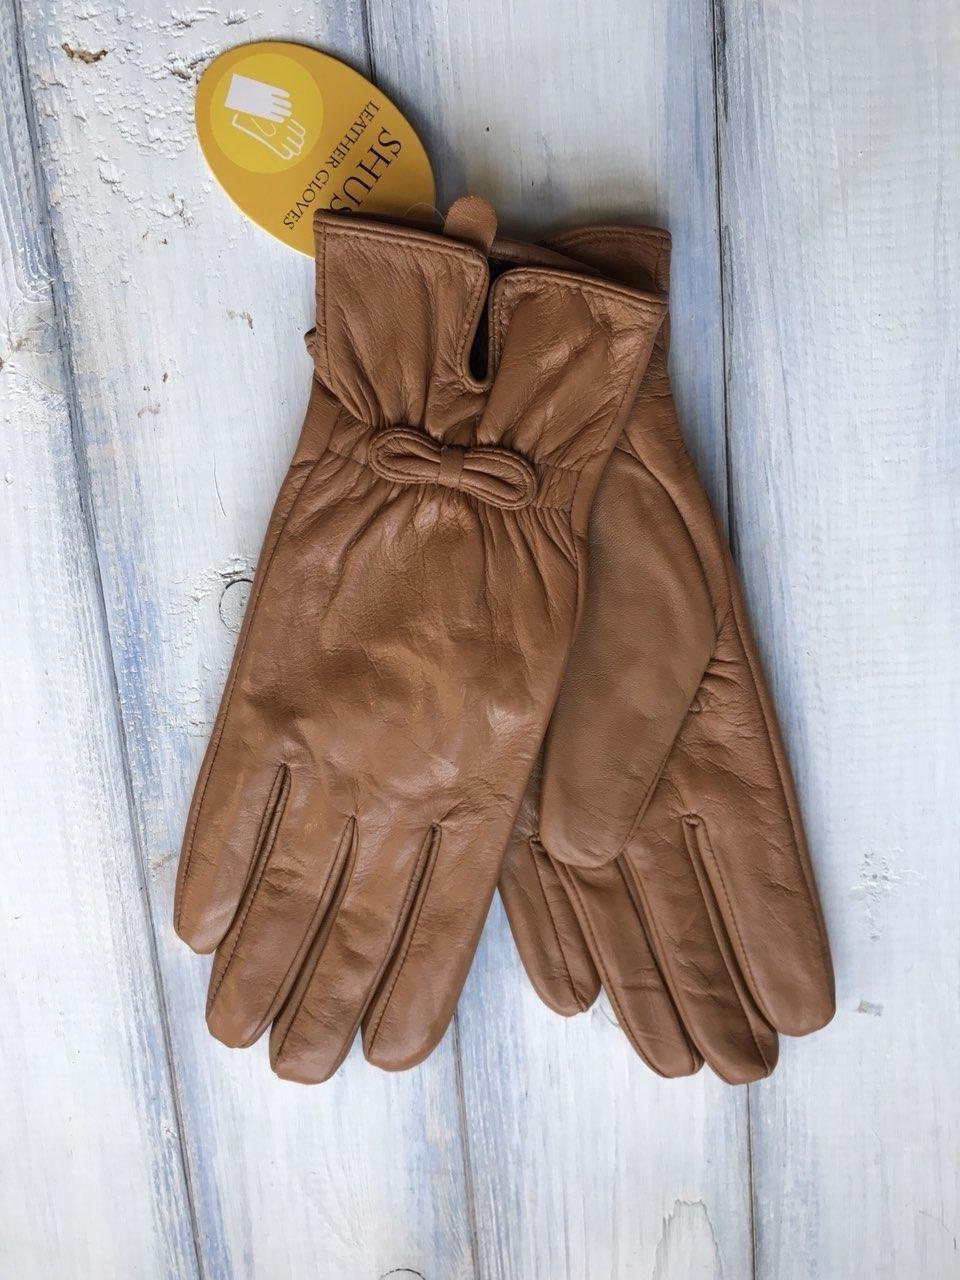 Женские кожаные перчатки Маленькие  4-813s1